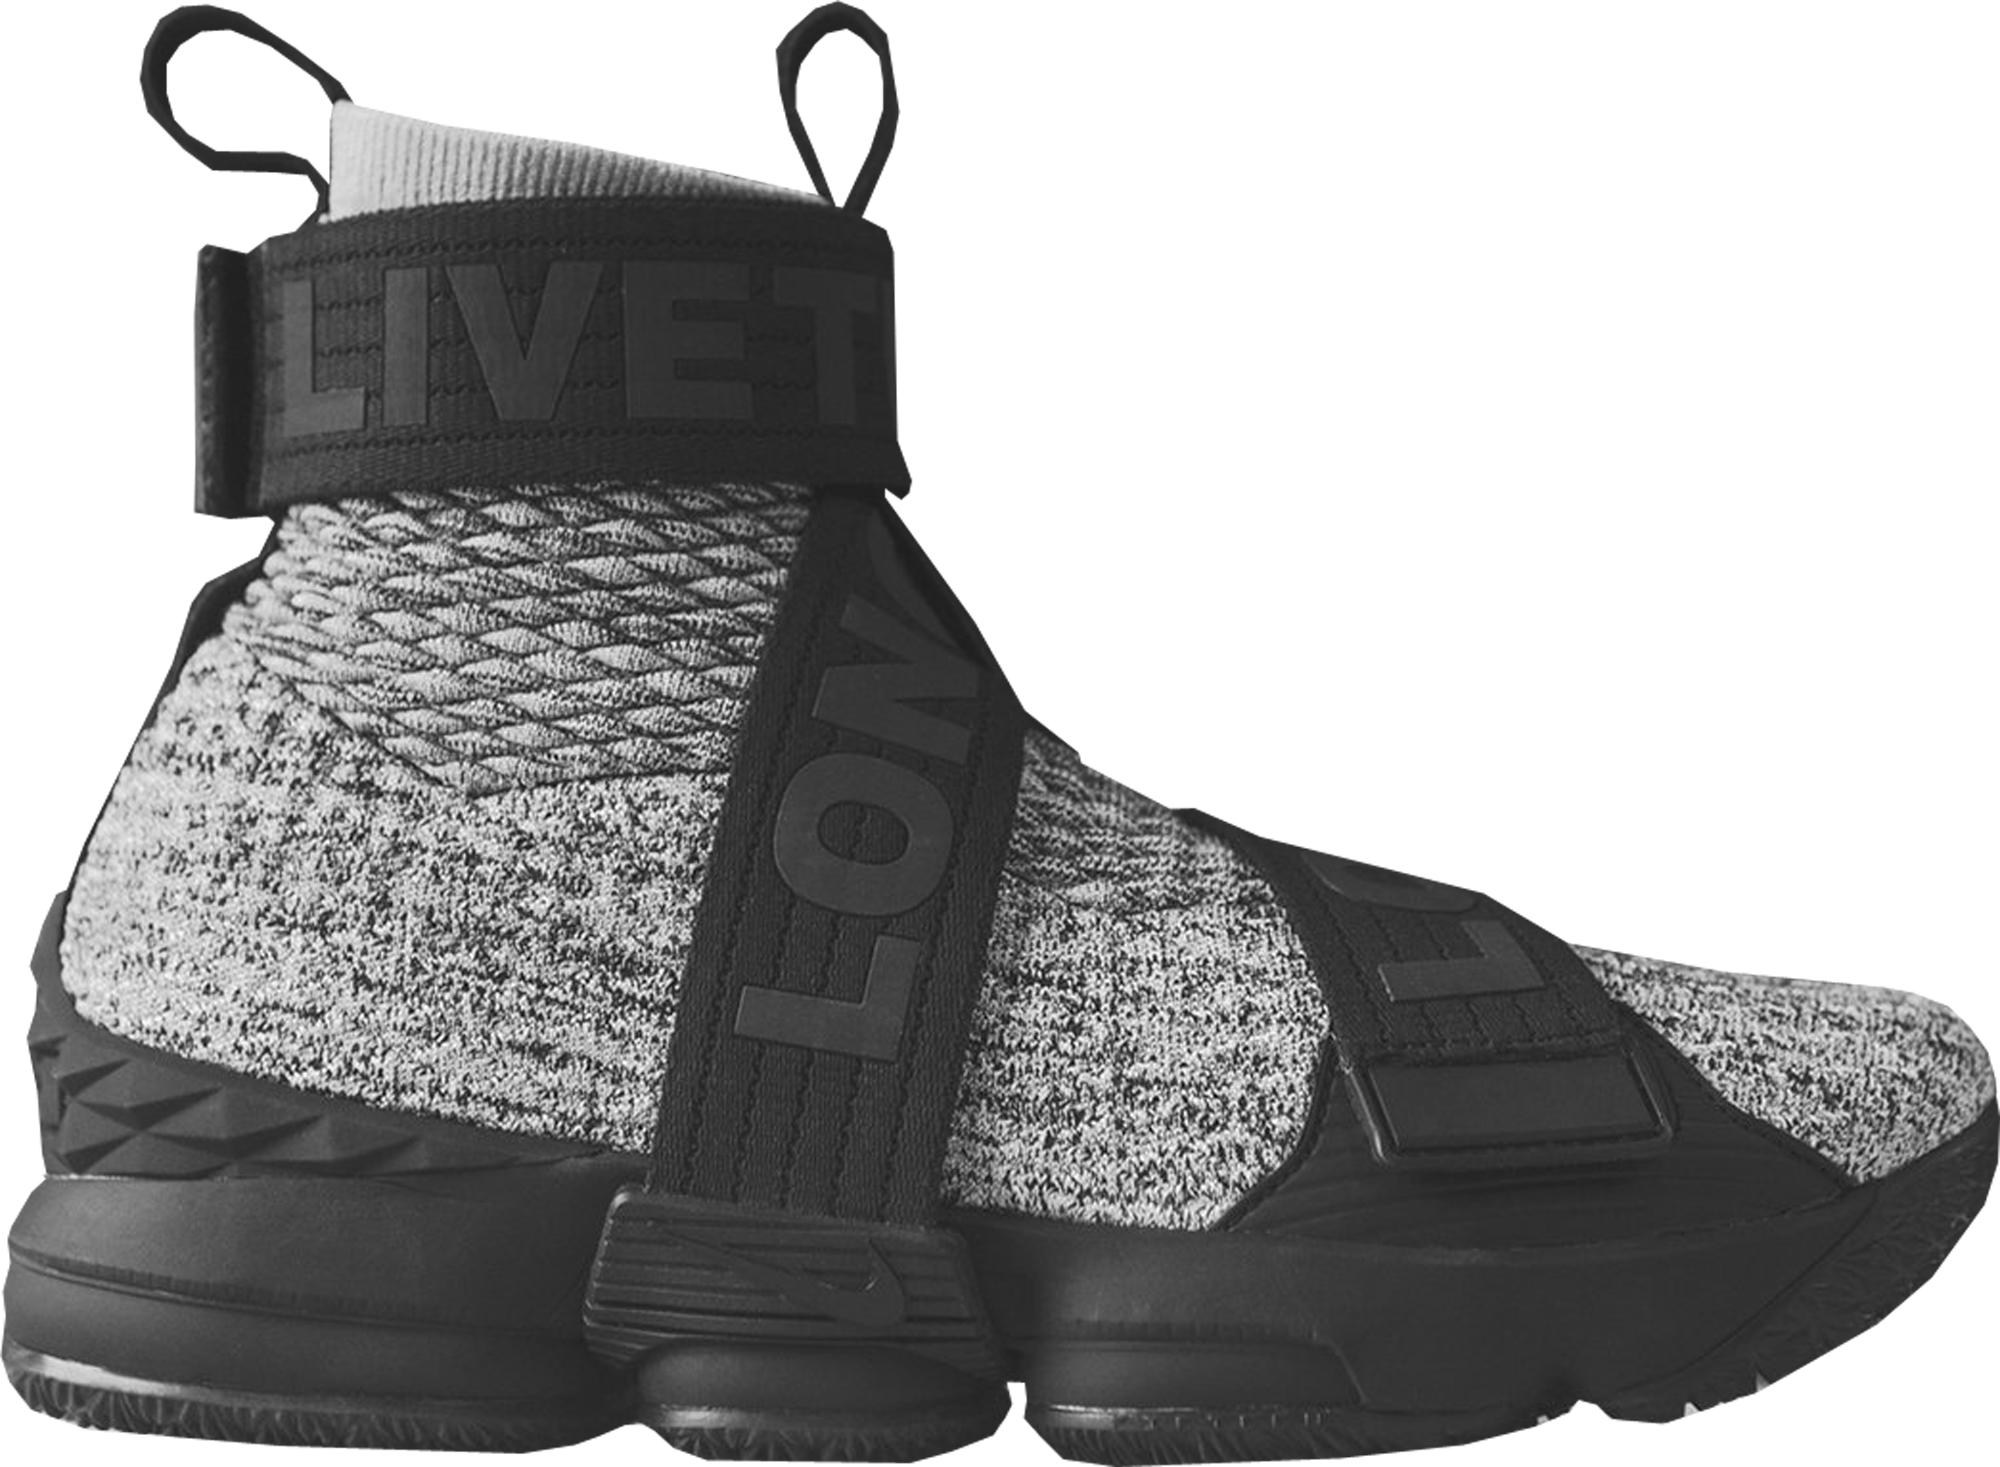 Nike LeBron 15 Shoes \u0026 Deadstock Sneakers